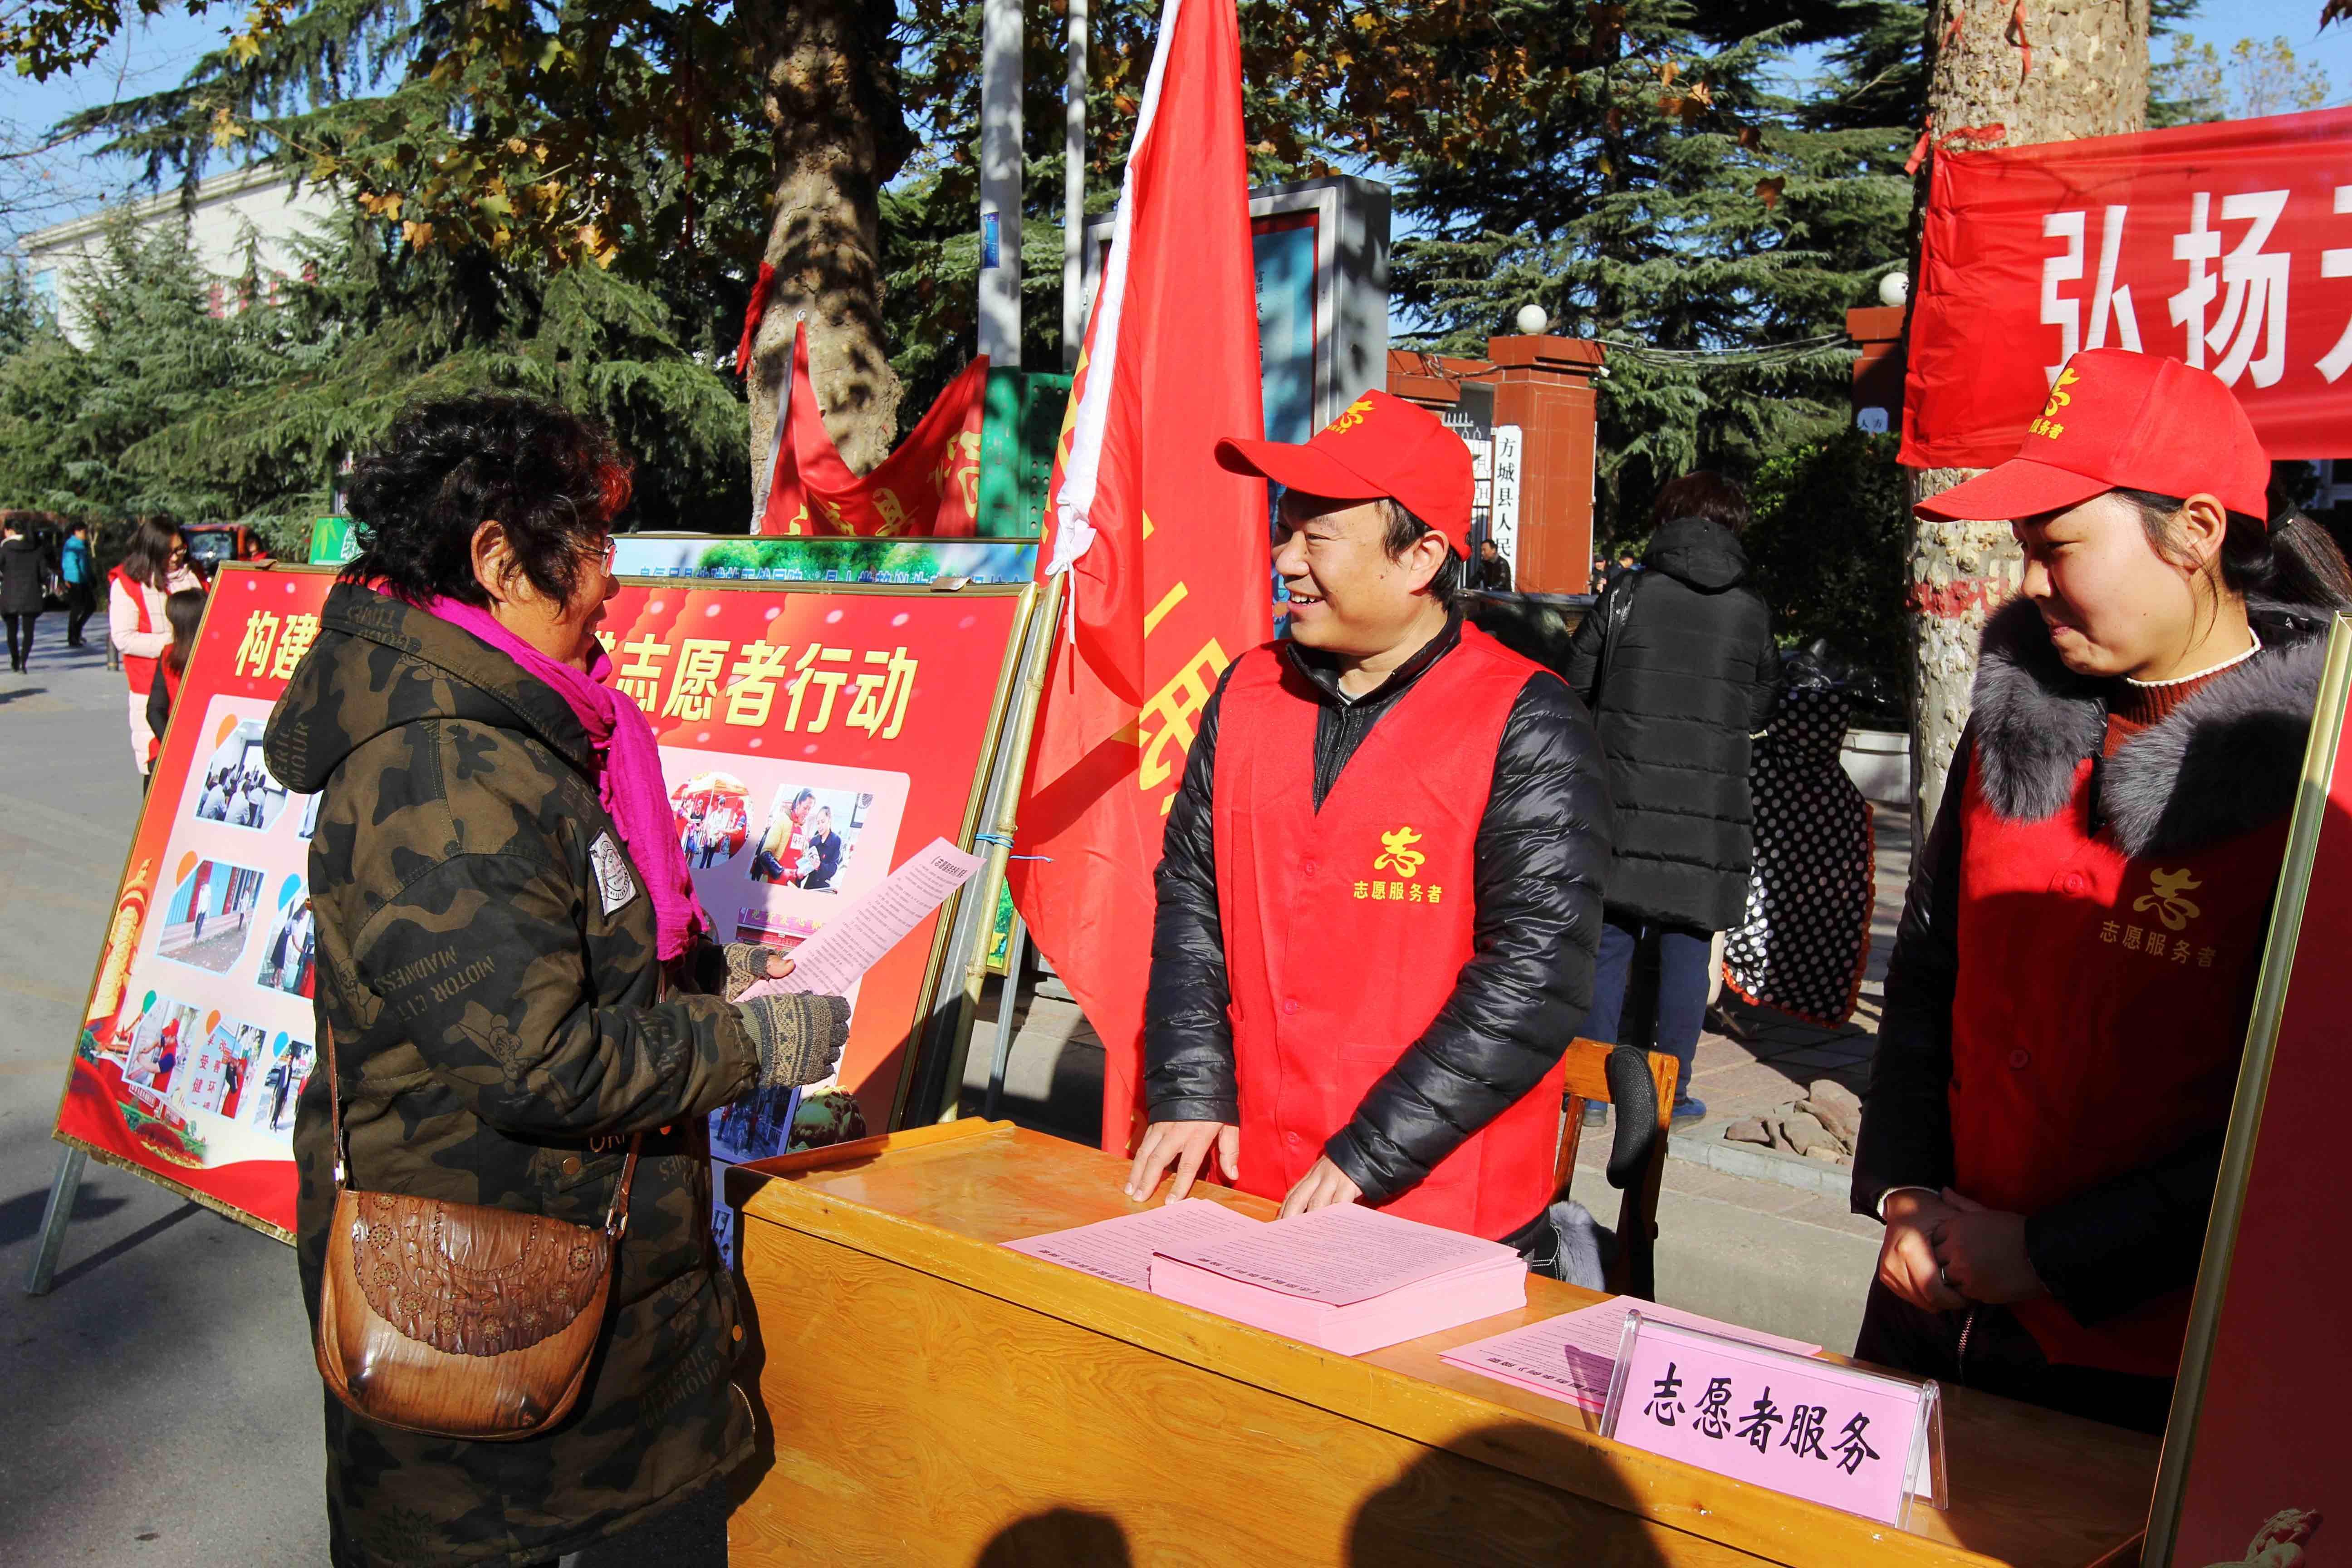 河南省方城县人民法院志愿者发放宣传资料、 解答法律咨询_conew1